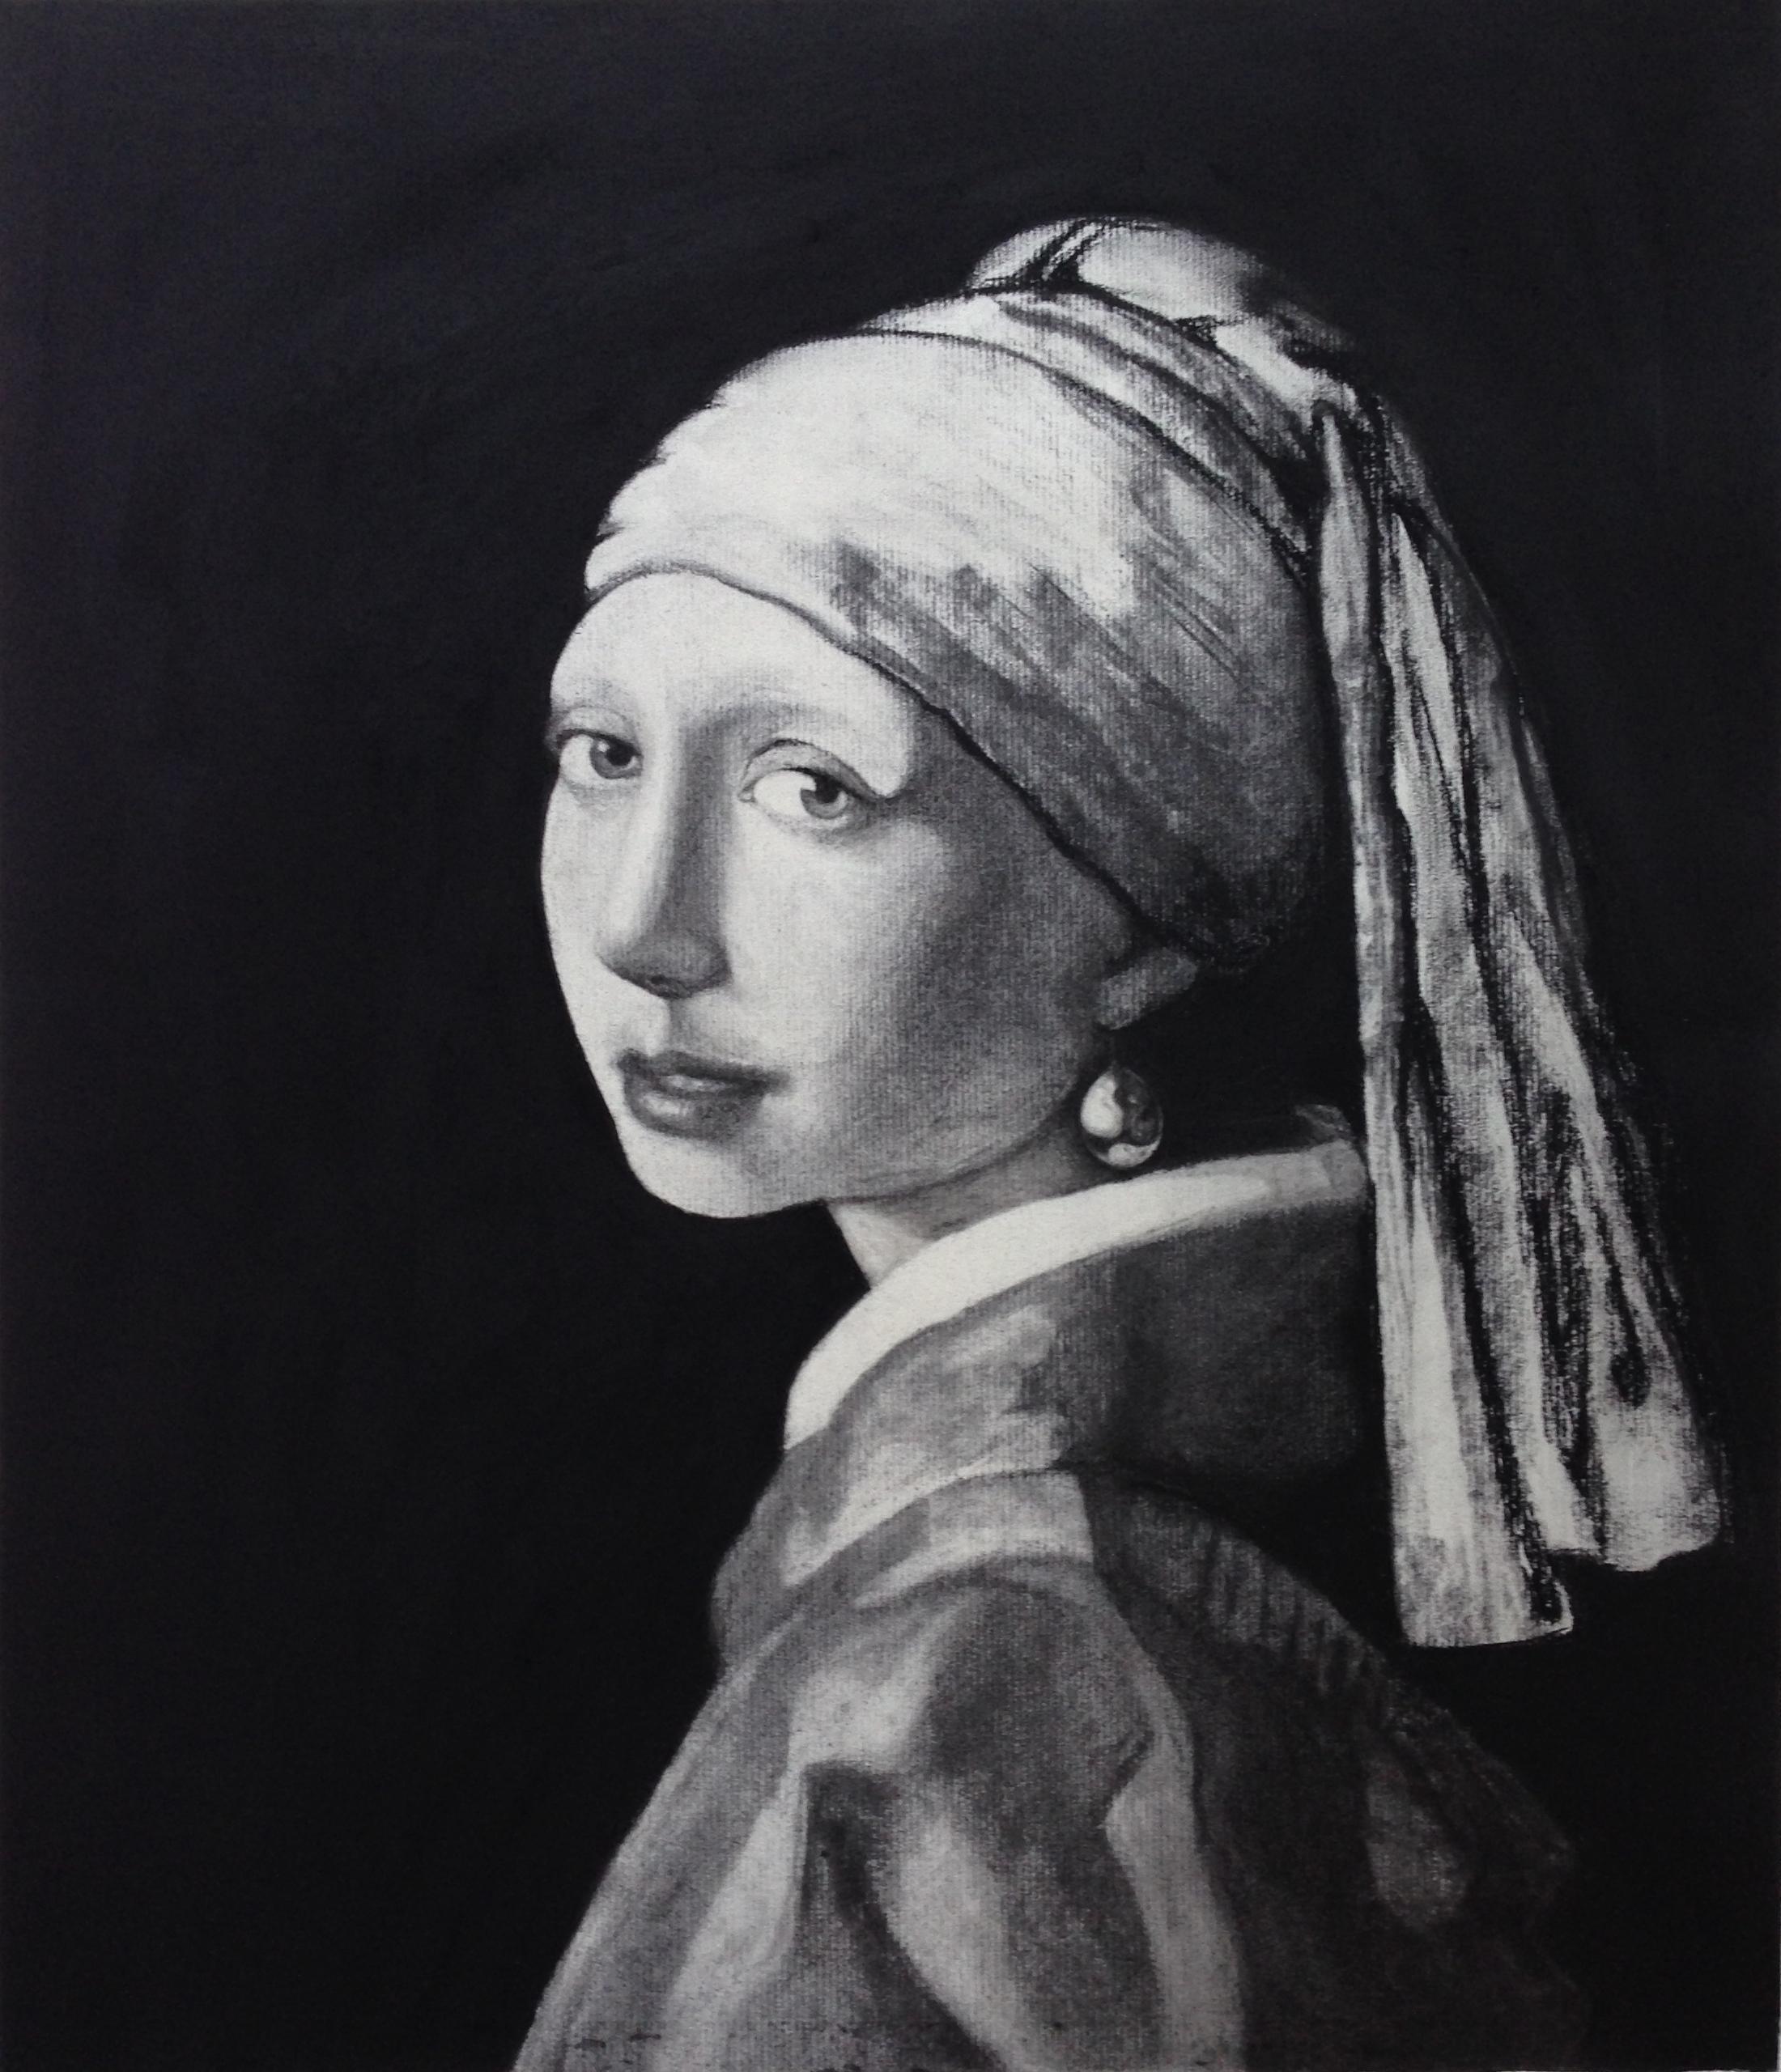 To Vermeer